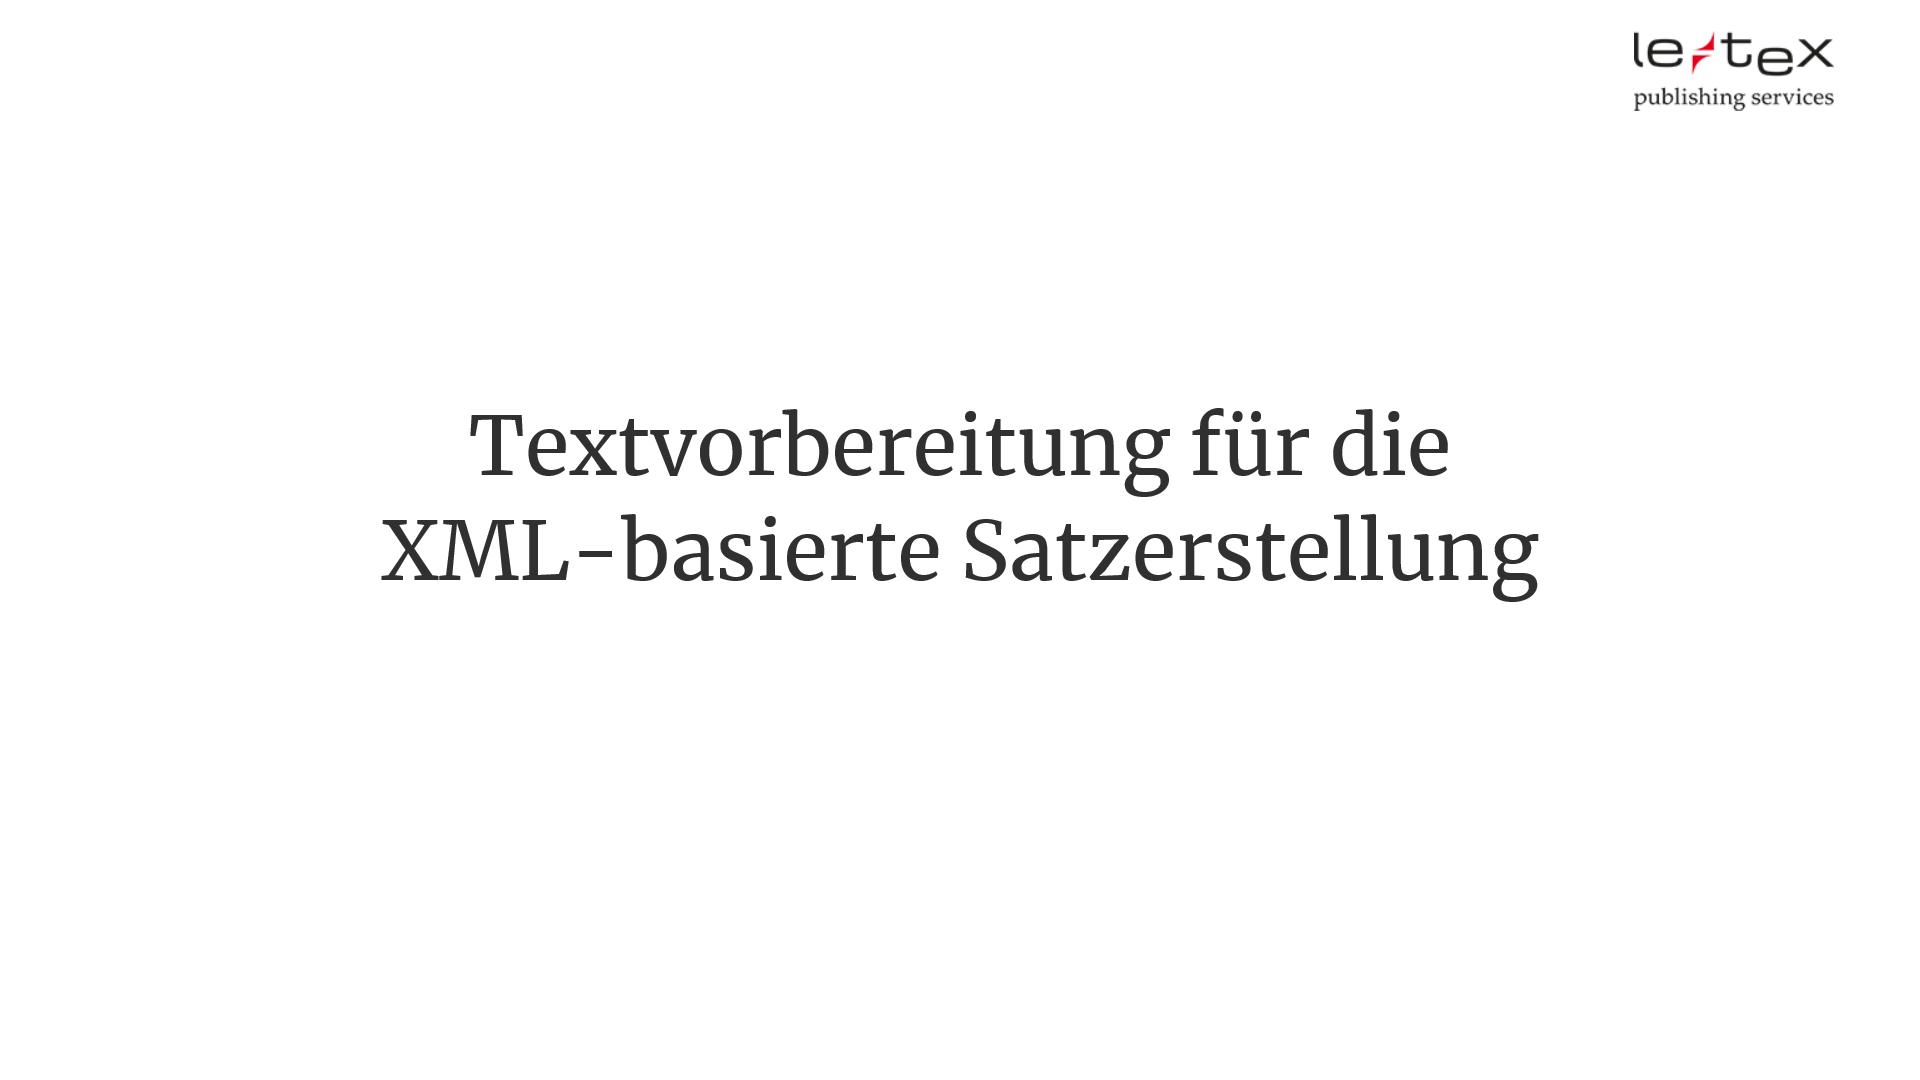 Das Bild zeigt einen Slide auf dem der Titel Textvorbereitung für die XML-basierte Satzerstellung